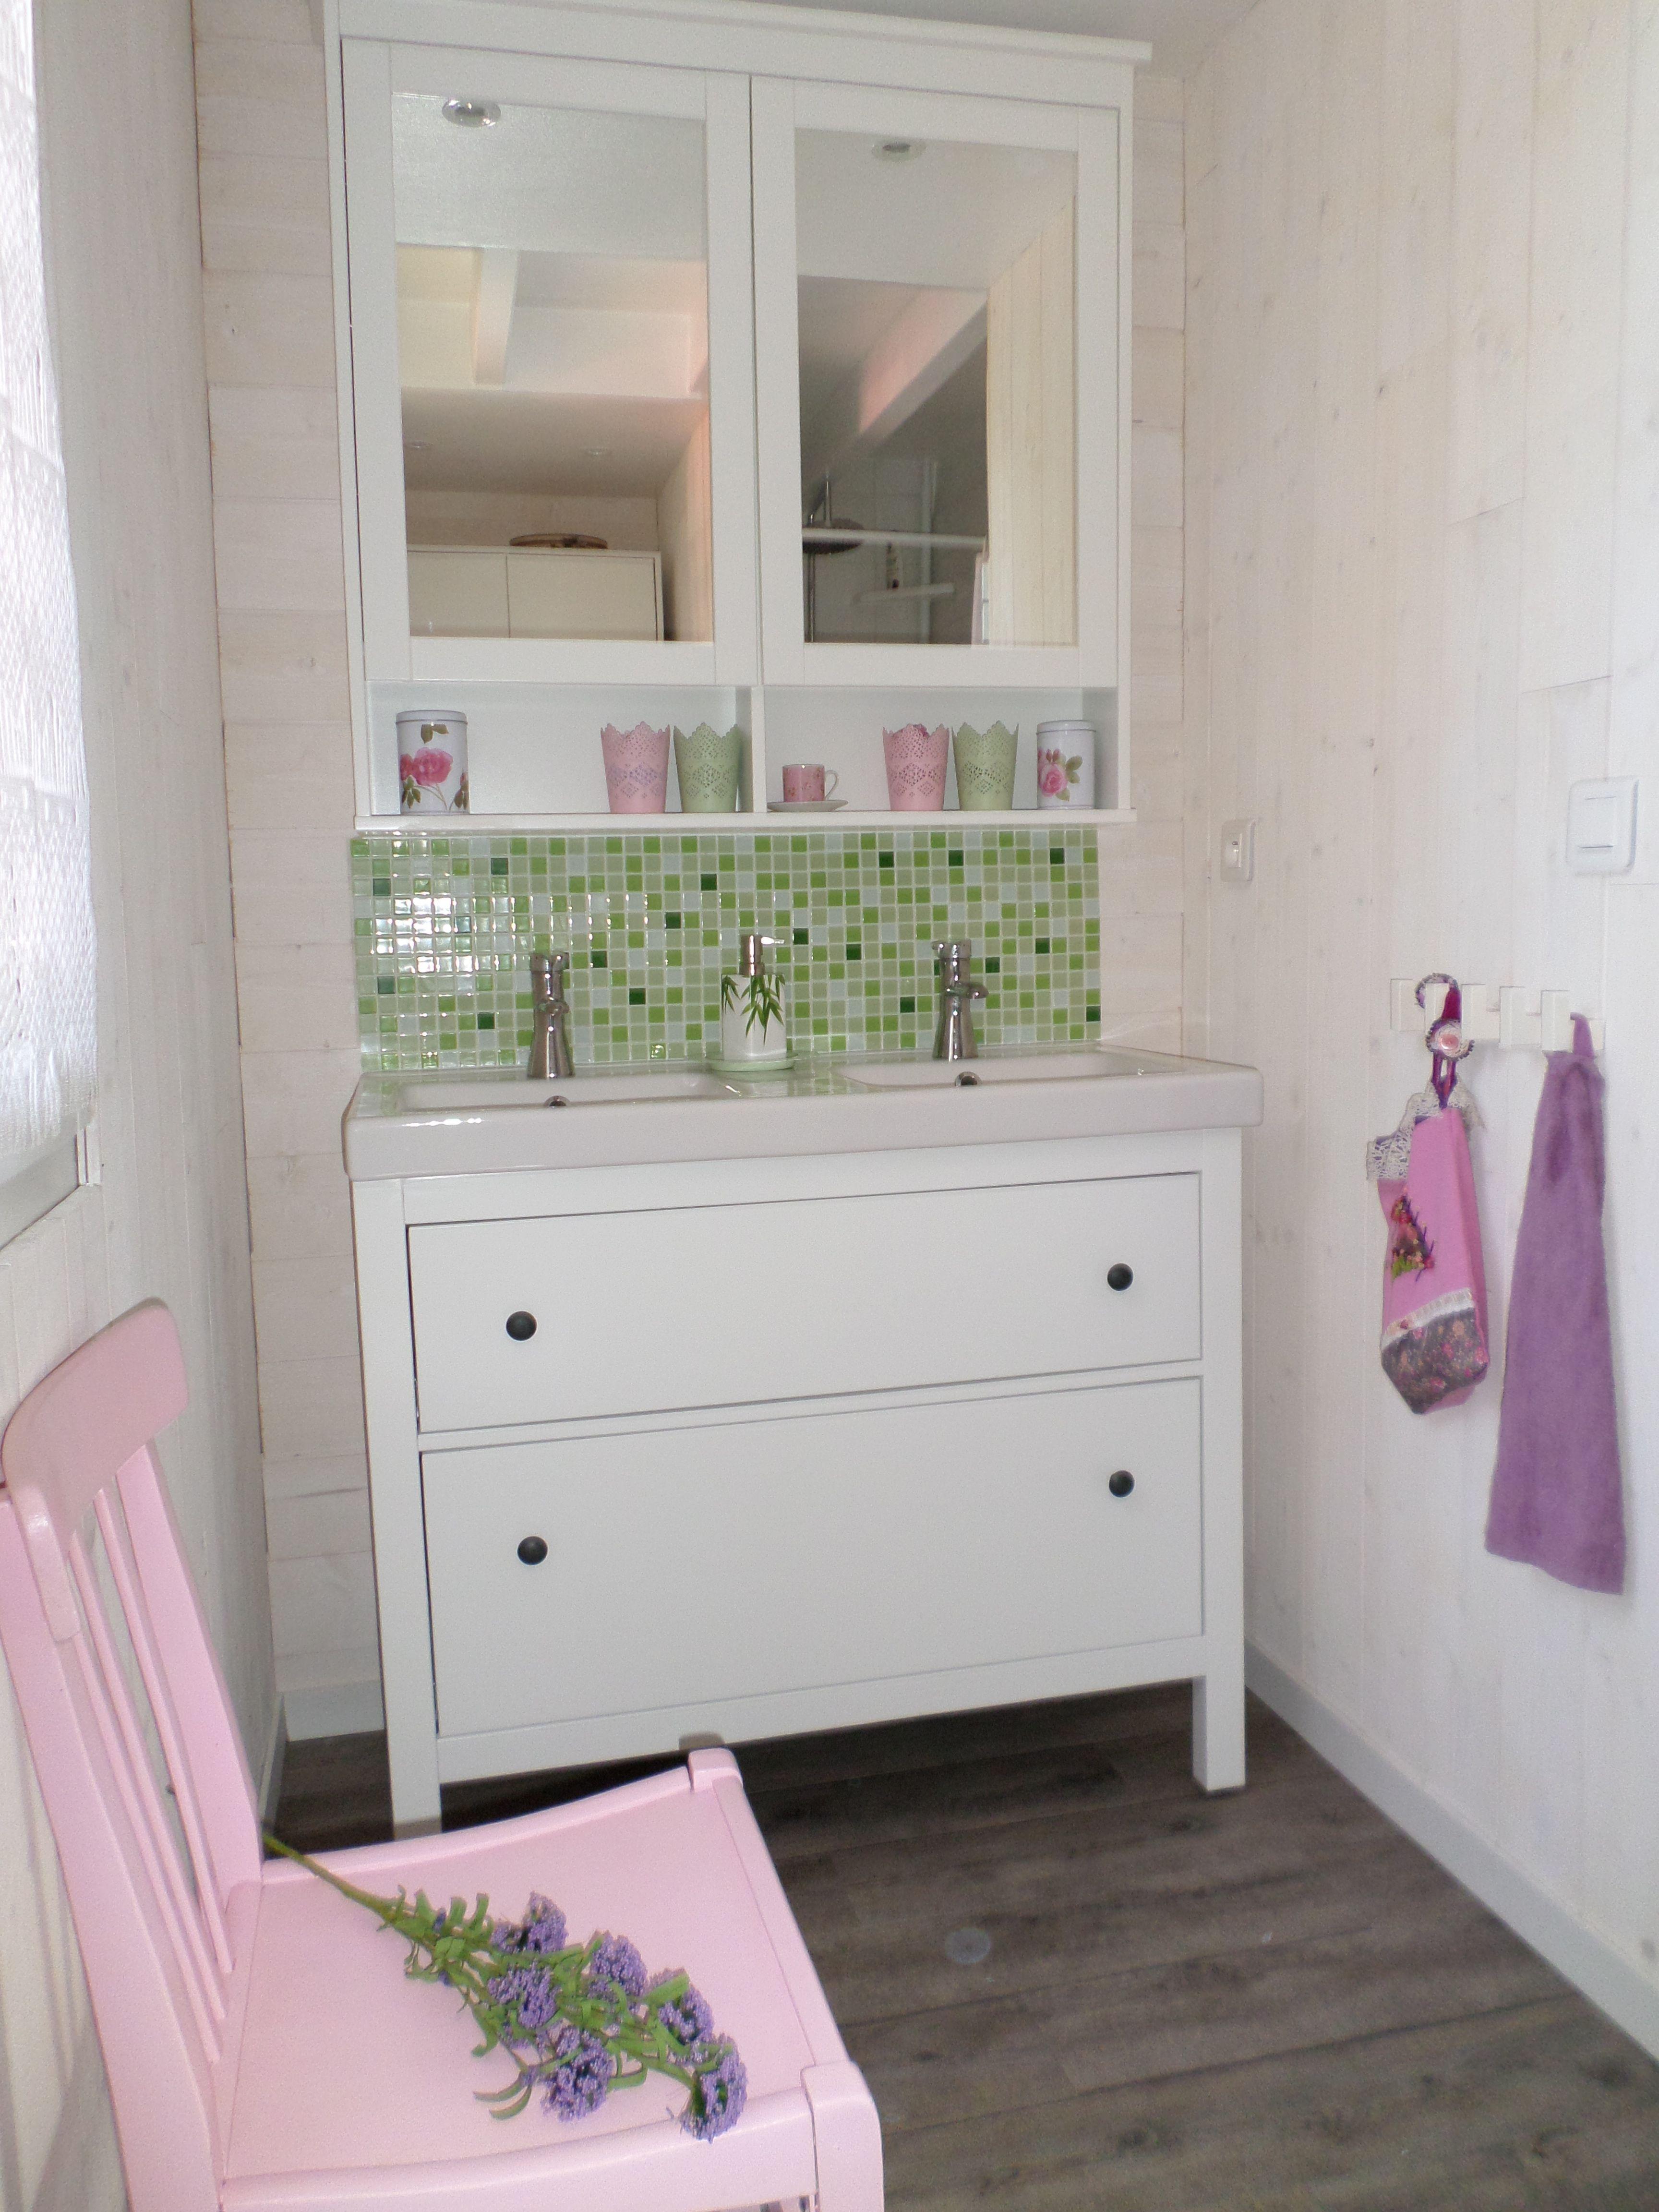 ma petite salle de bains romantique dans son alcove de bois - Salle De Bain Romantique Bois